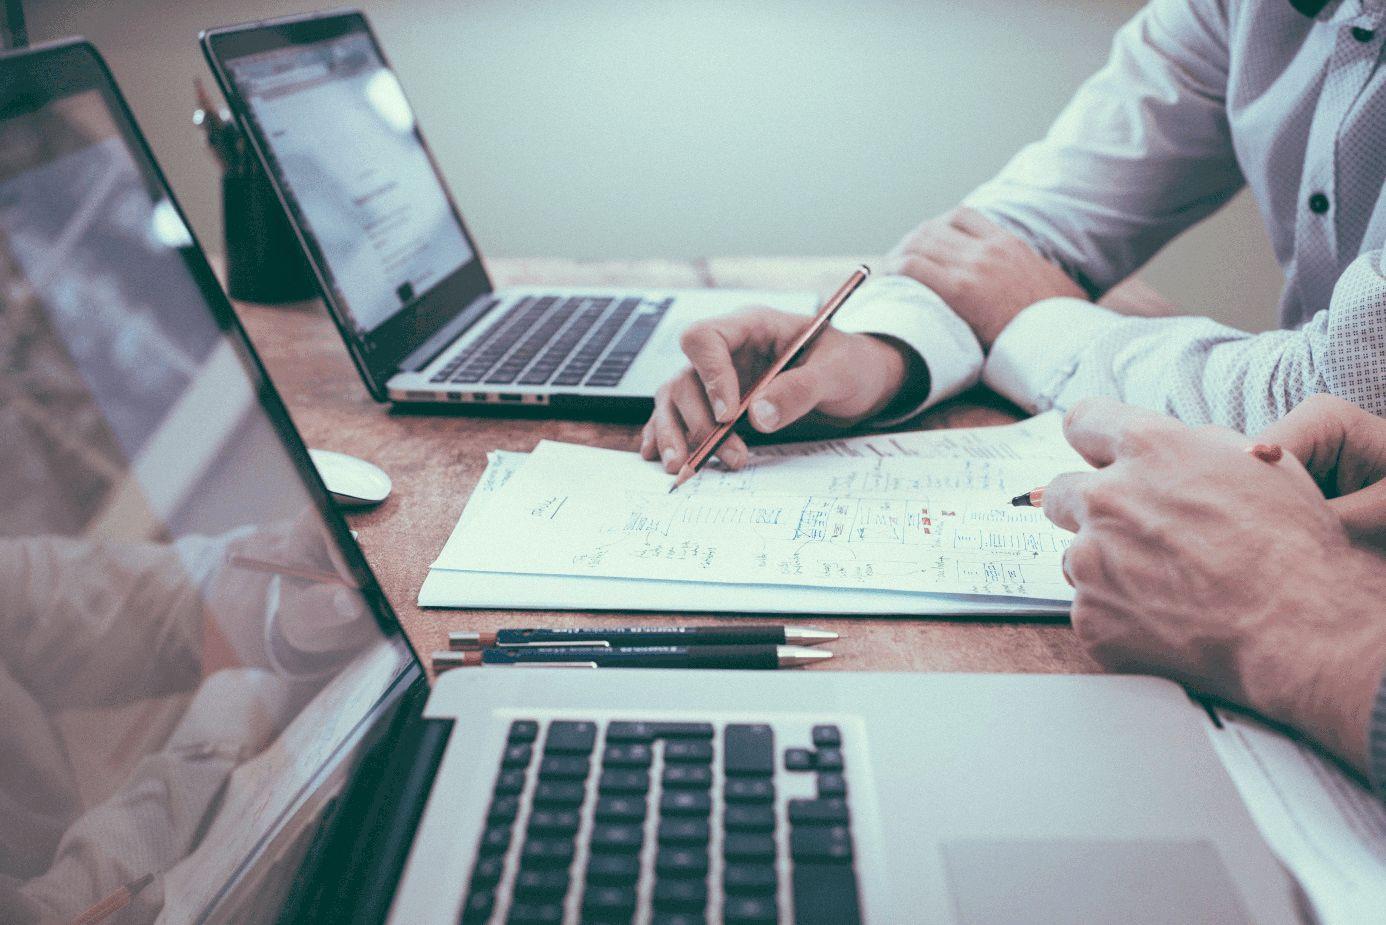 Zwei Menschen sitzen an einem Tisch vor Computern und planen auf Papier